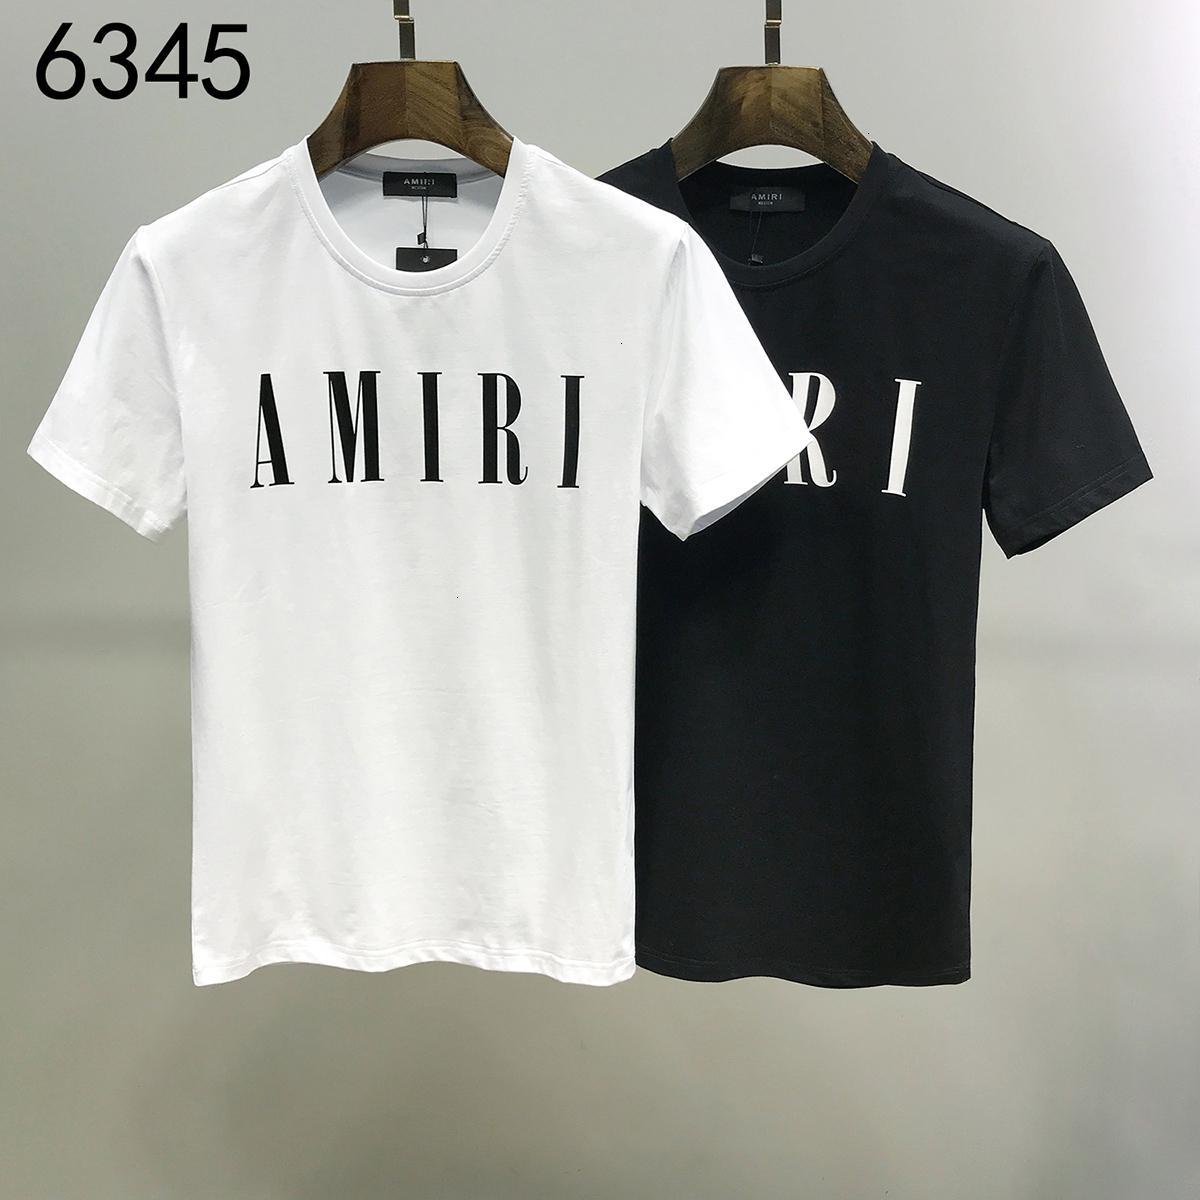 2020 весна лето мужские футболки высокое качество печати с коротким рукавом футболки 20191116-da4390#02163*63_6345